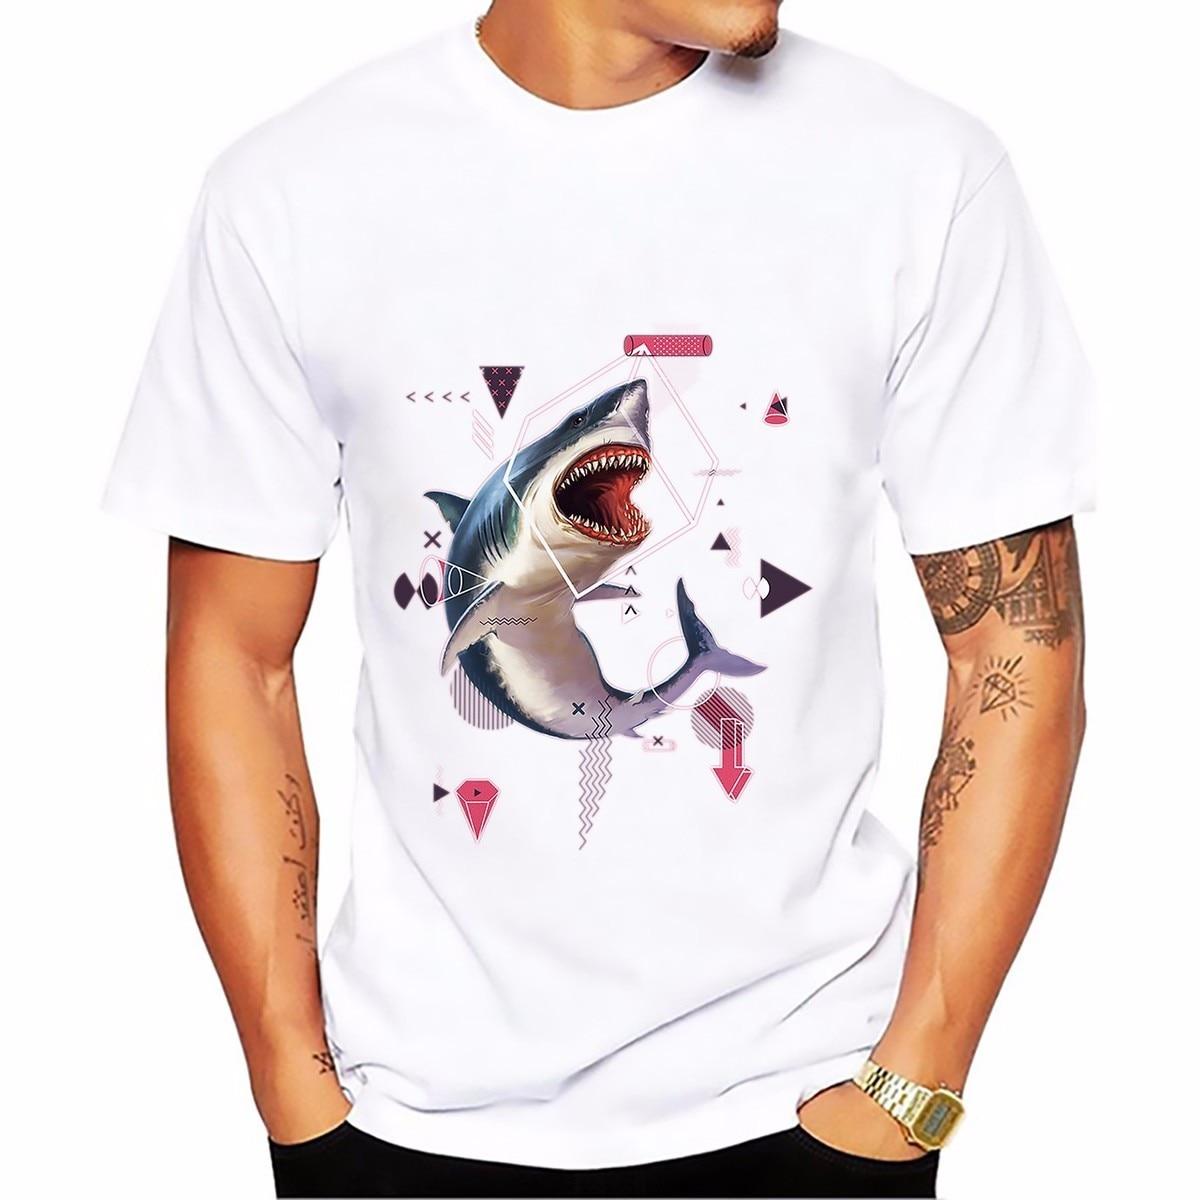 Camisetas de manga corta de verano para hombre, Camiseta blanco nuevo, camiseta artística de ballena, cebra, gorila, tiburón, jirafa con camiseta geek de matemáticas Cubot Max 2 Android 9,0 Octa-Core 6,8